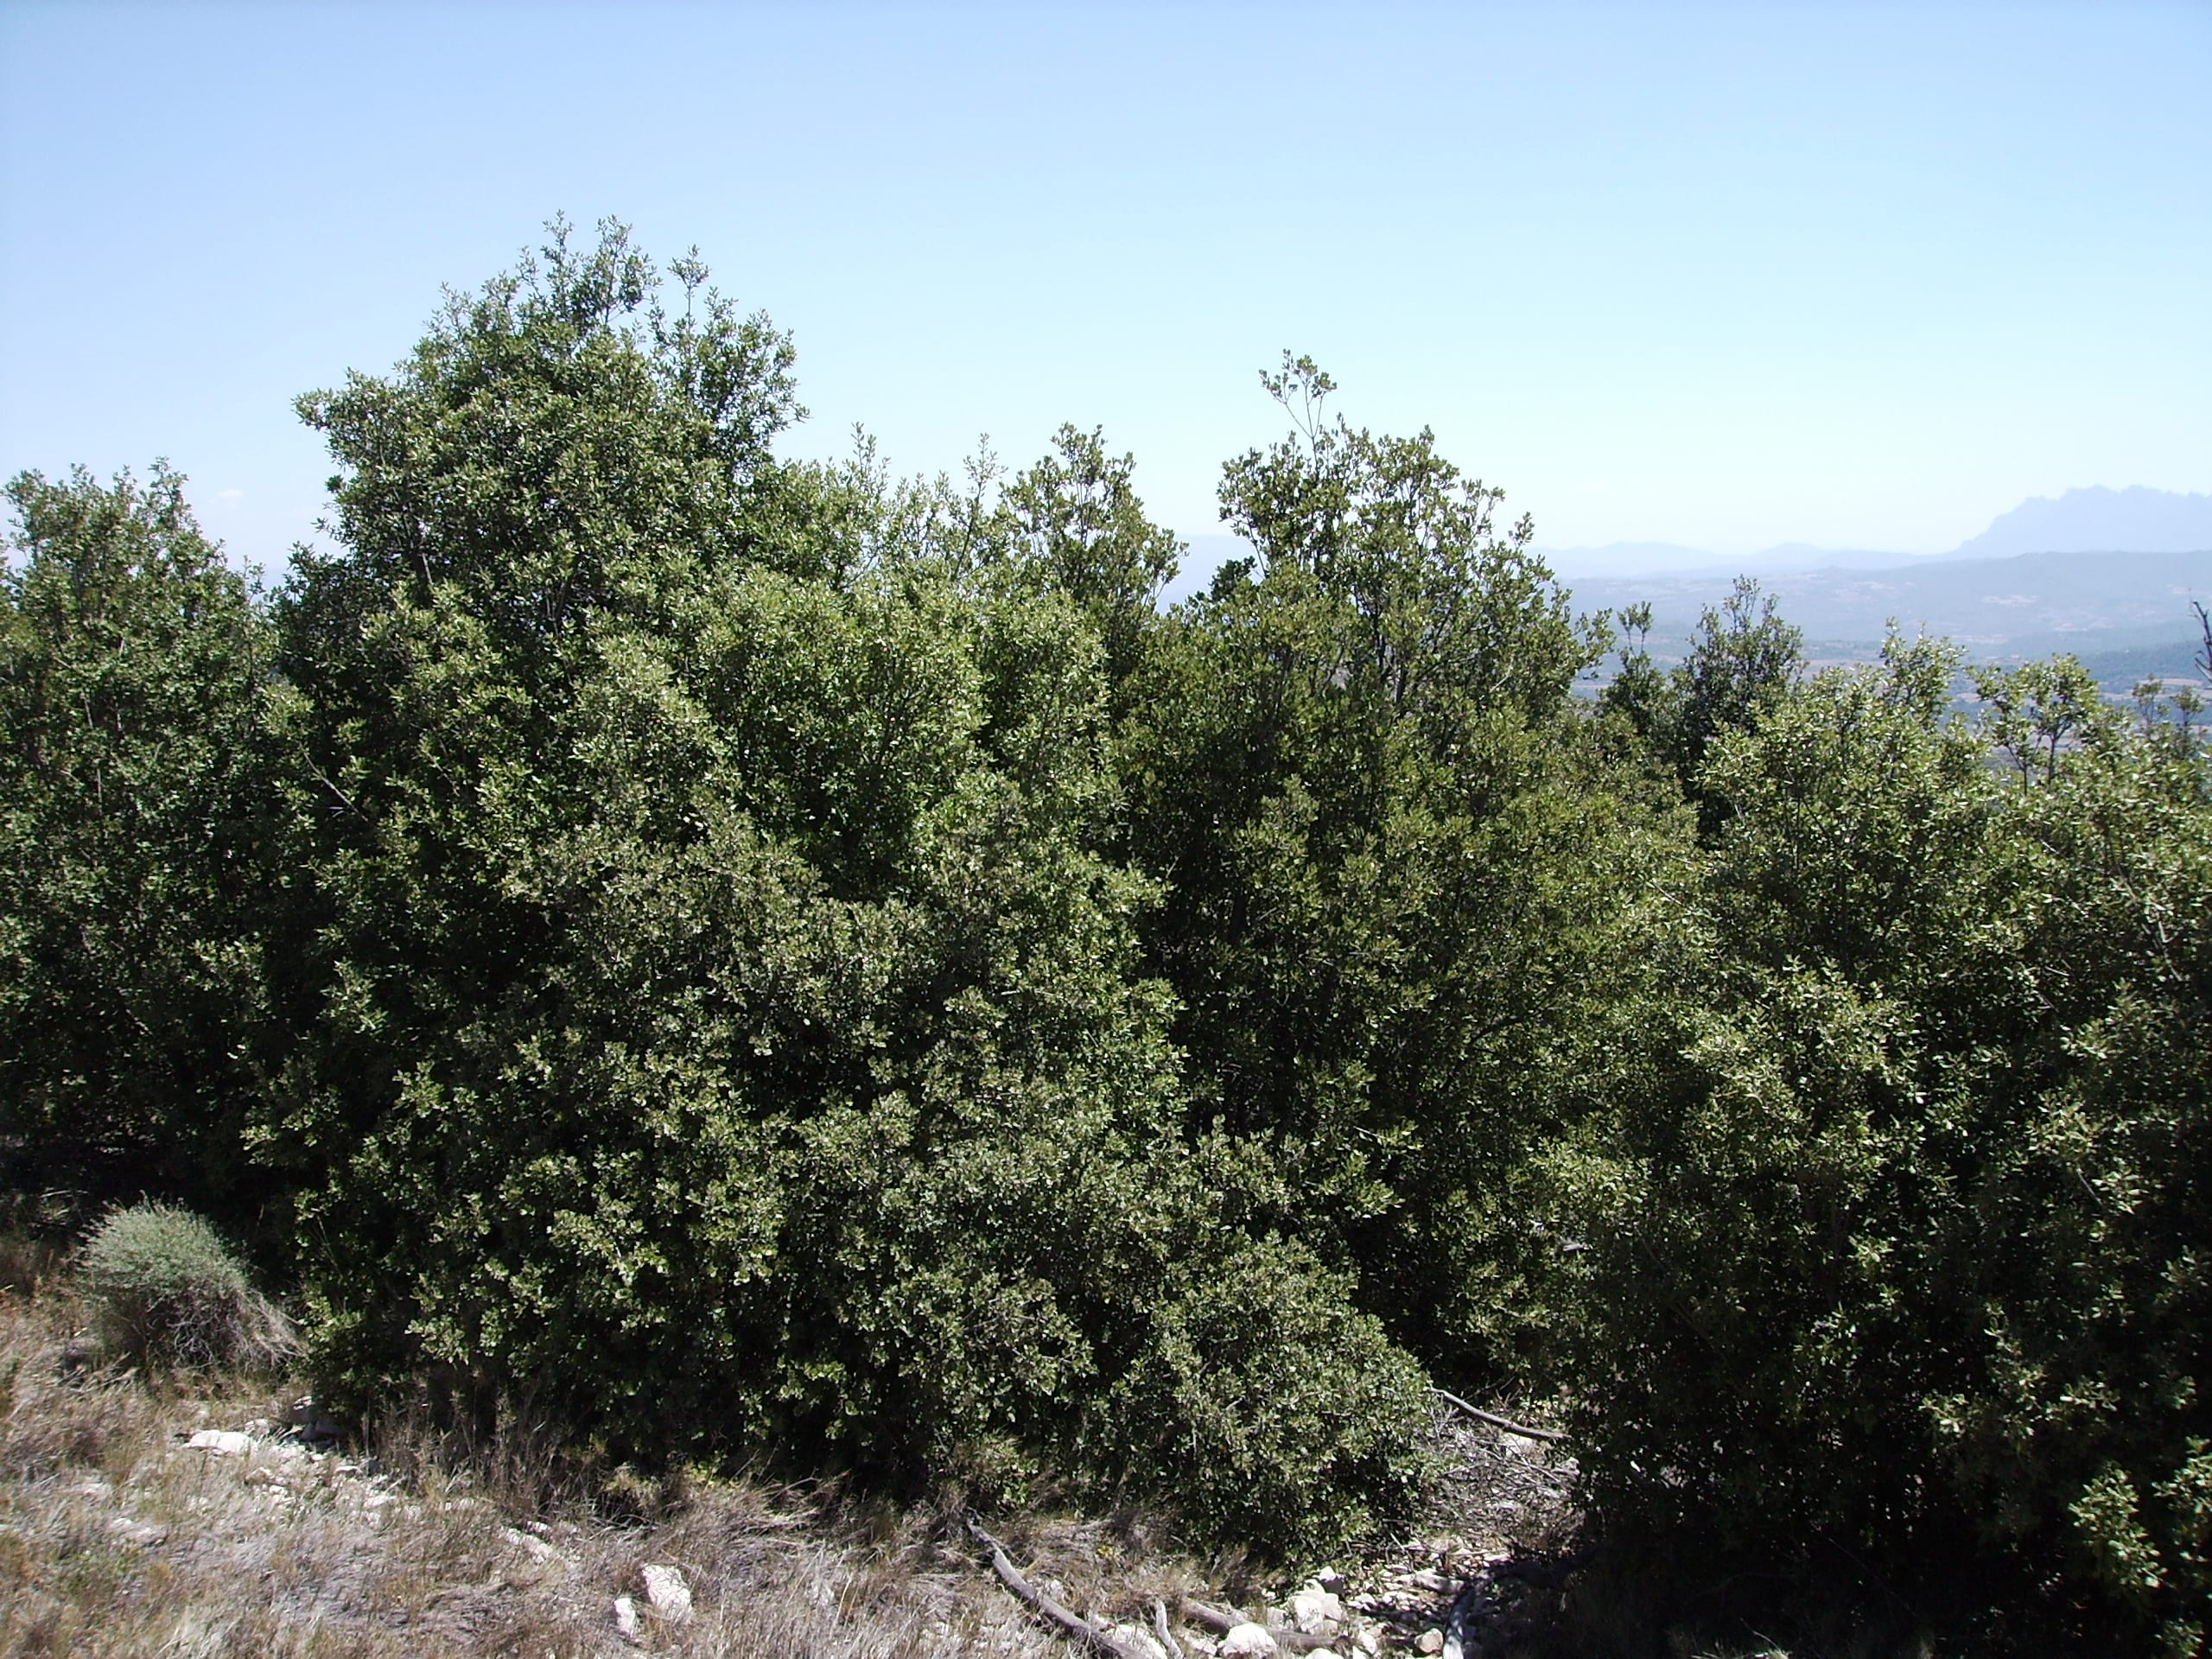 Quercus rotundifolia, es el nombre científico de un árbol perennifolio